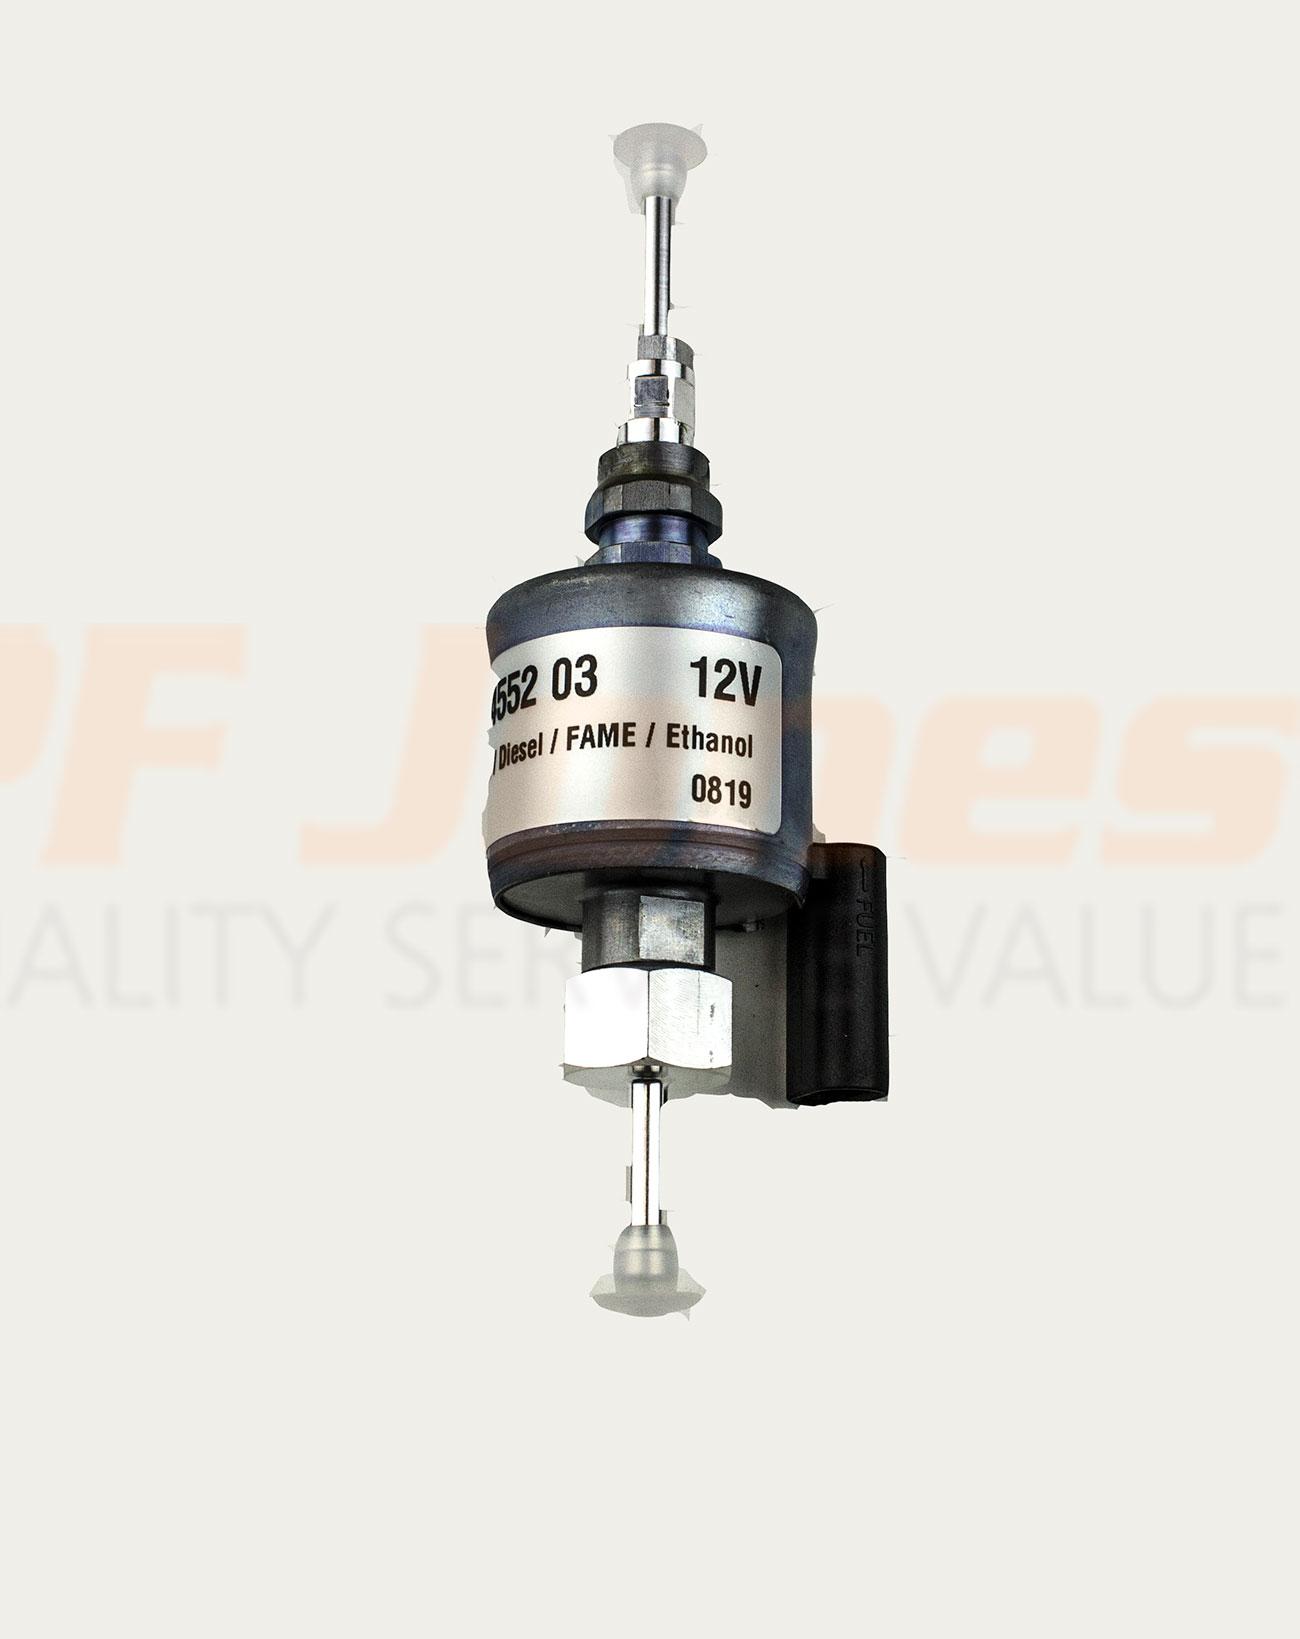 Eberspacher Airtronic D2L Fuel Pump